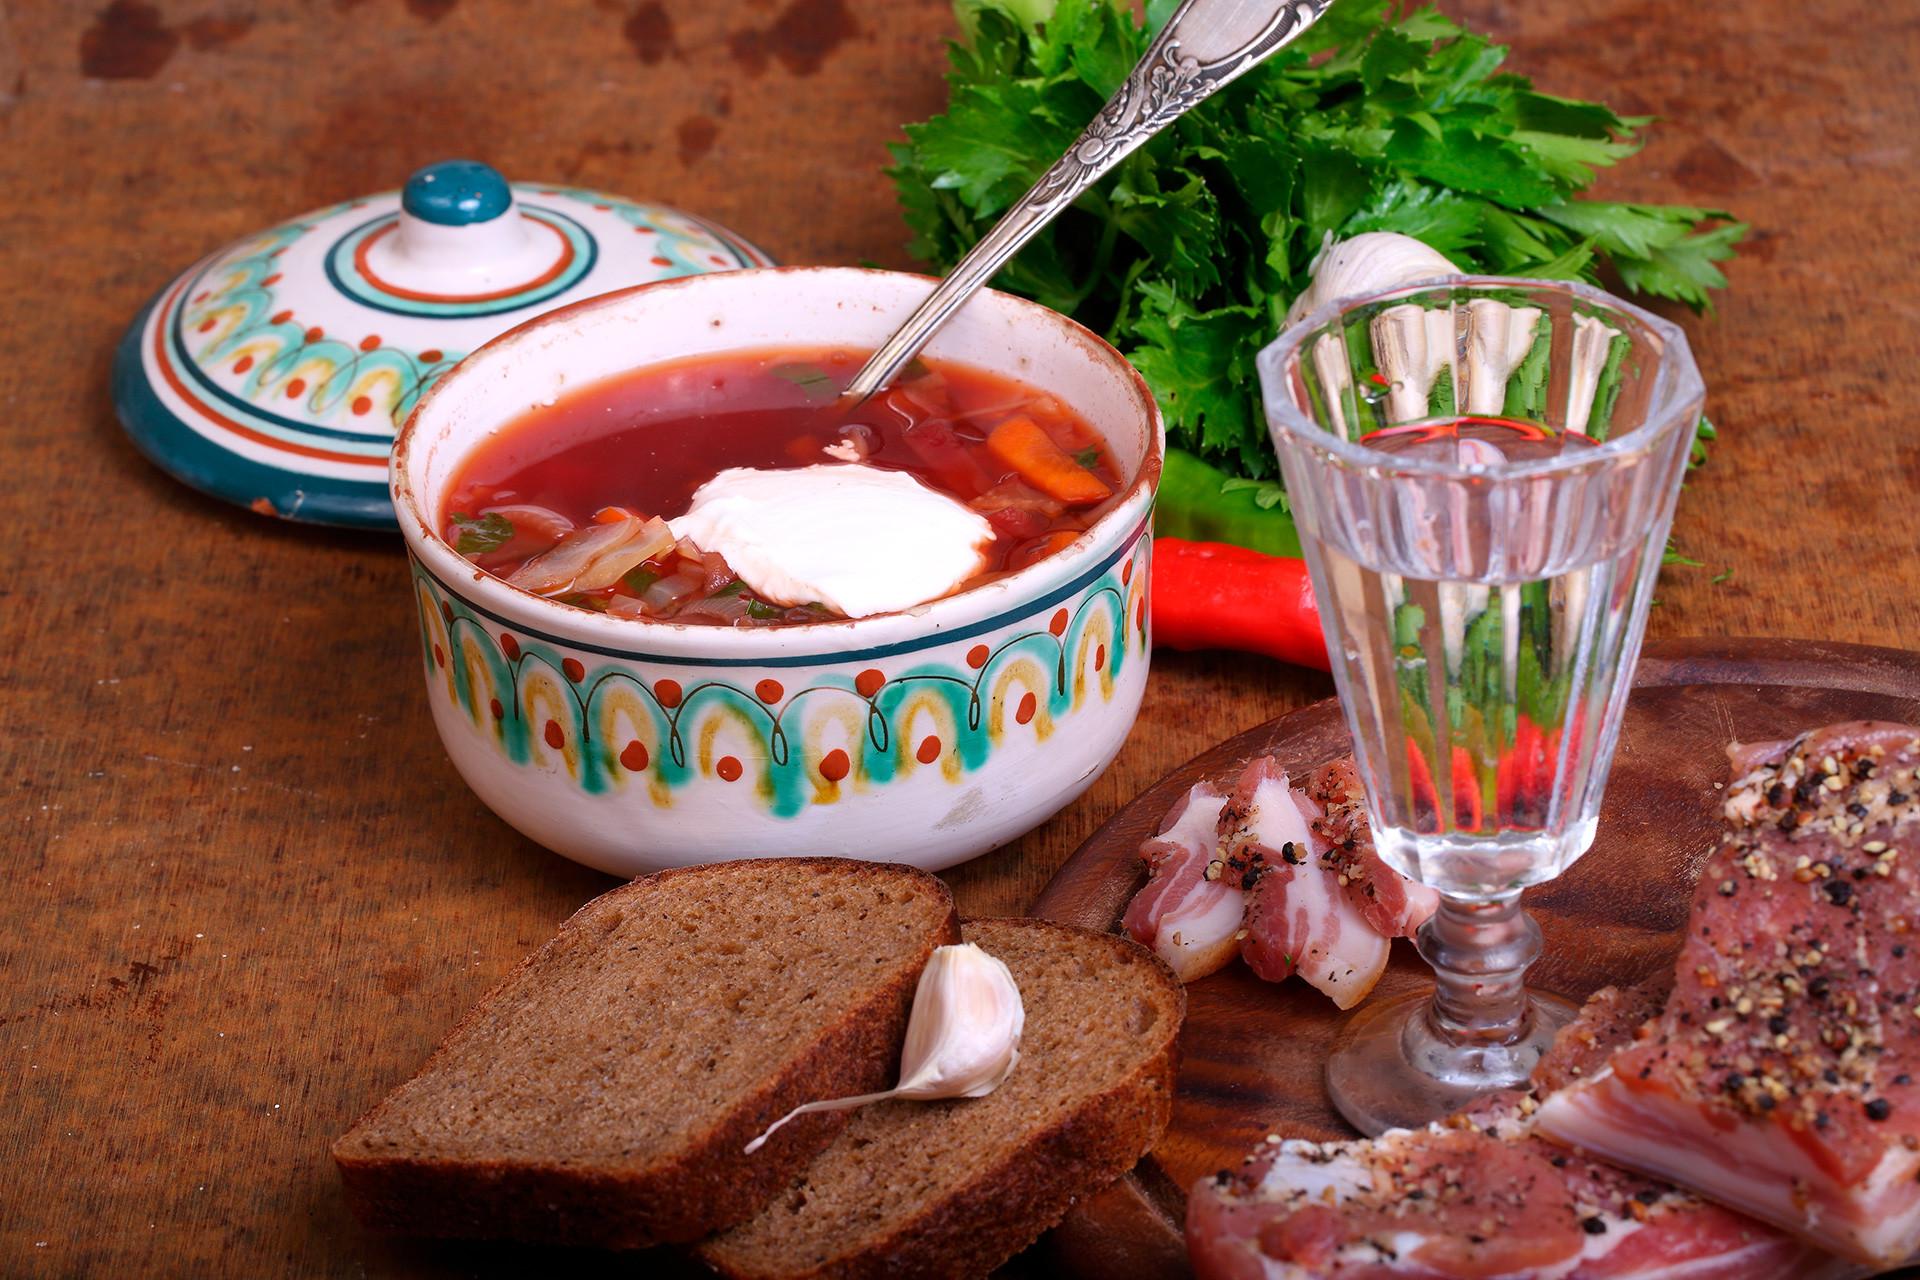 Apakah Anda mau sup borsch?